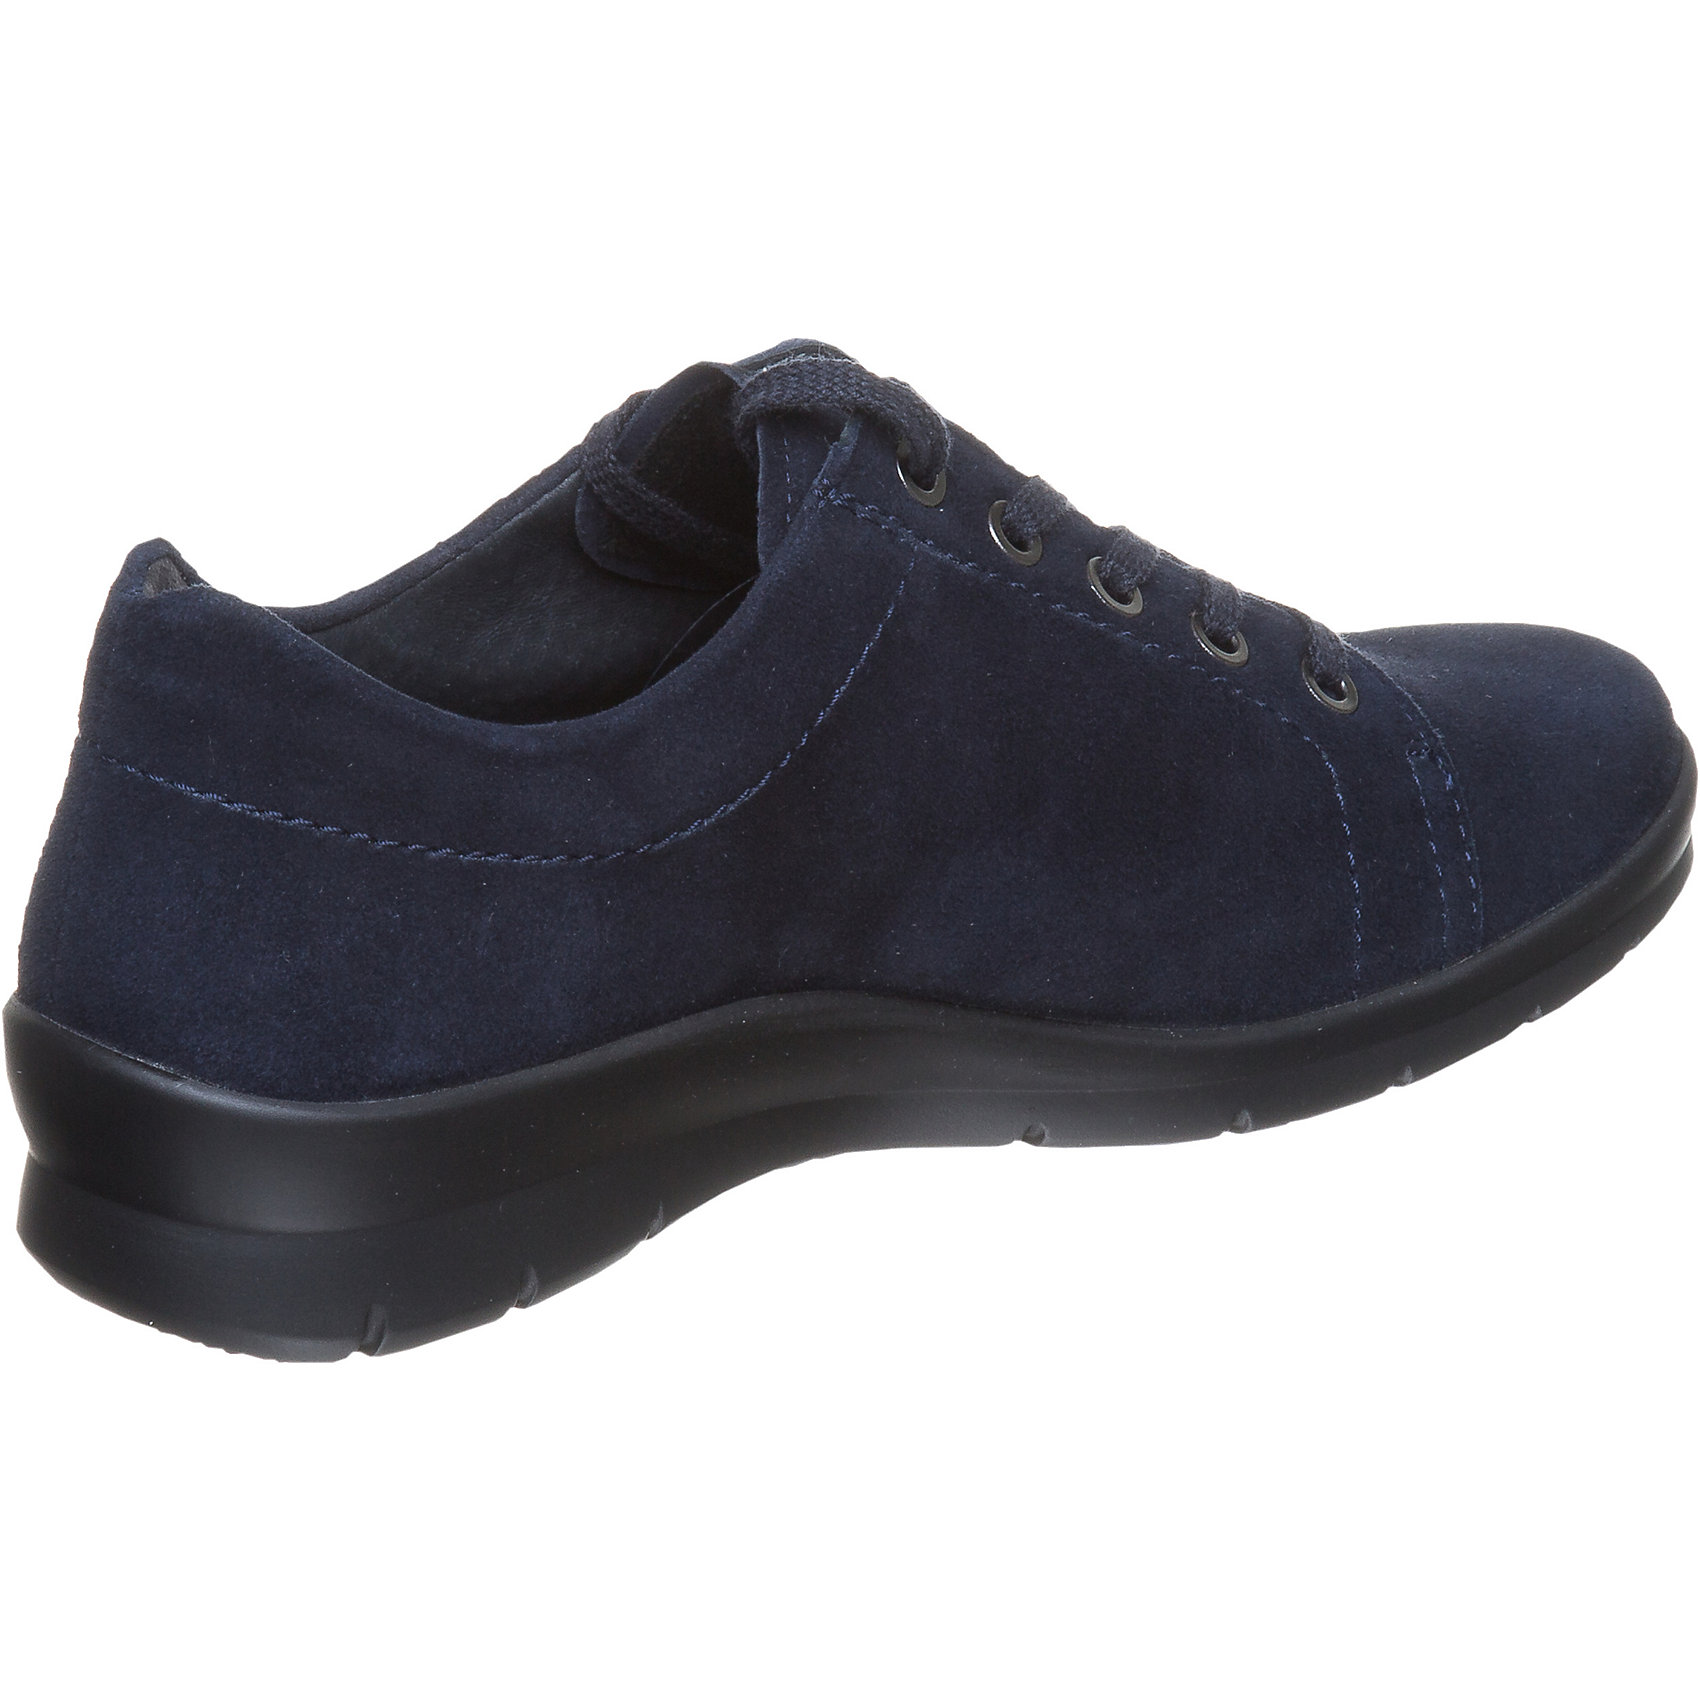 Neu Semler Xenia Halbschuhe 6749278 für Damen schwarz blau